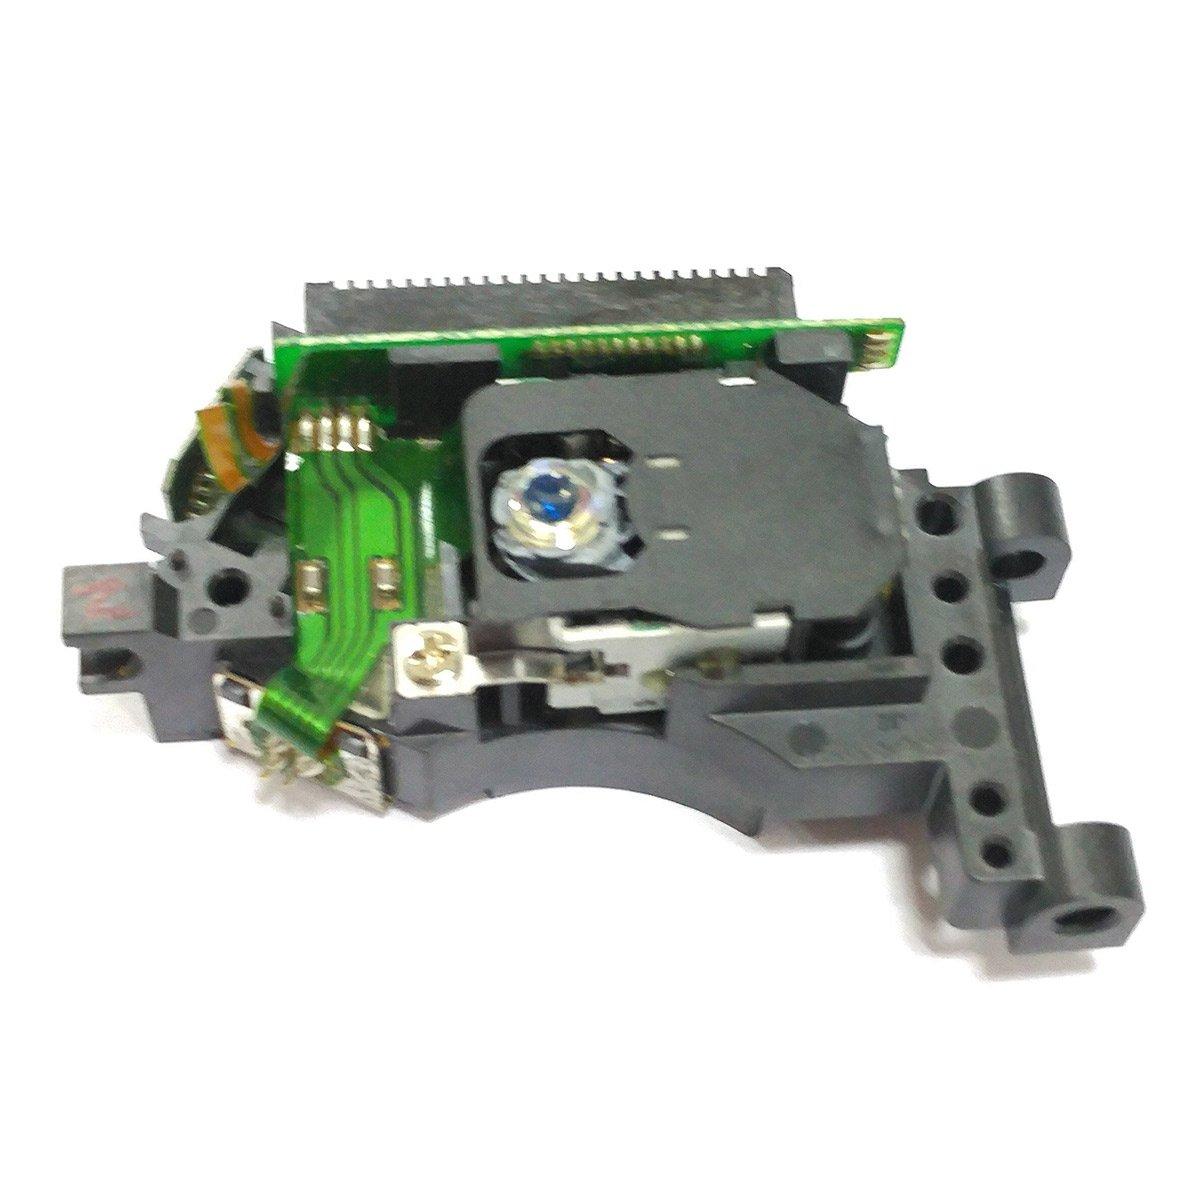 Original SACD Optical Pickup for eMM Labs TSD1 CD/SACD Transport SACD Laser Lens by Allpartz